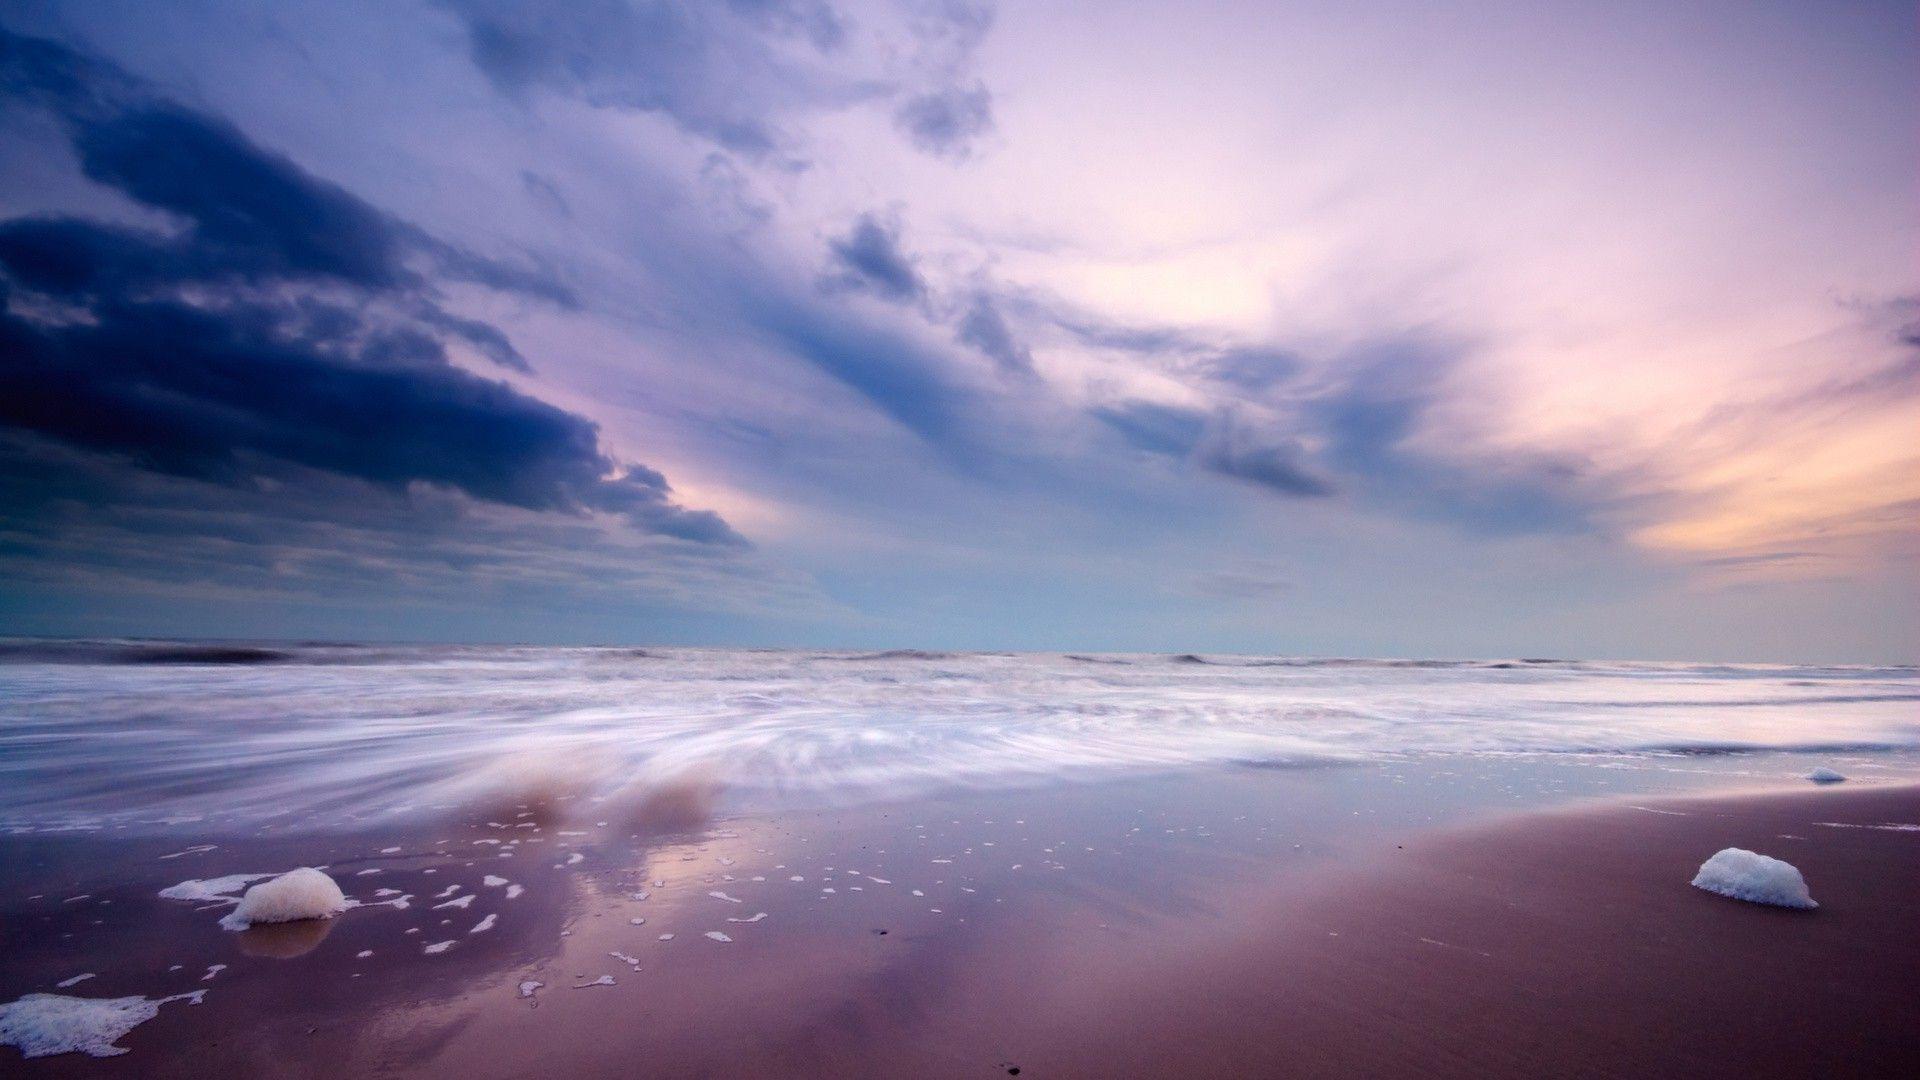 The Wallpapers Ocean